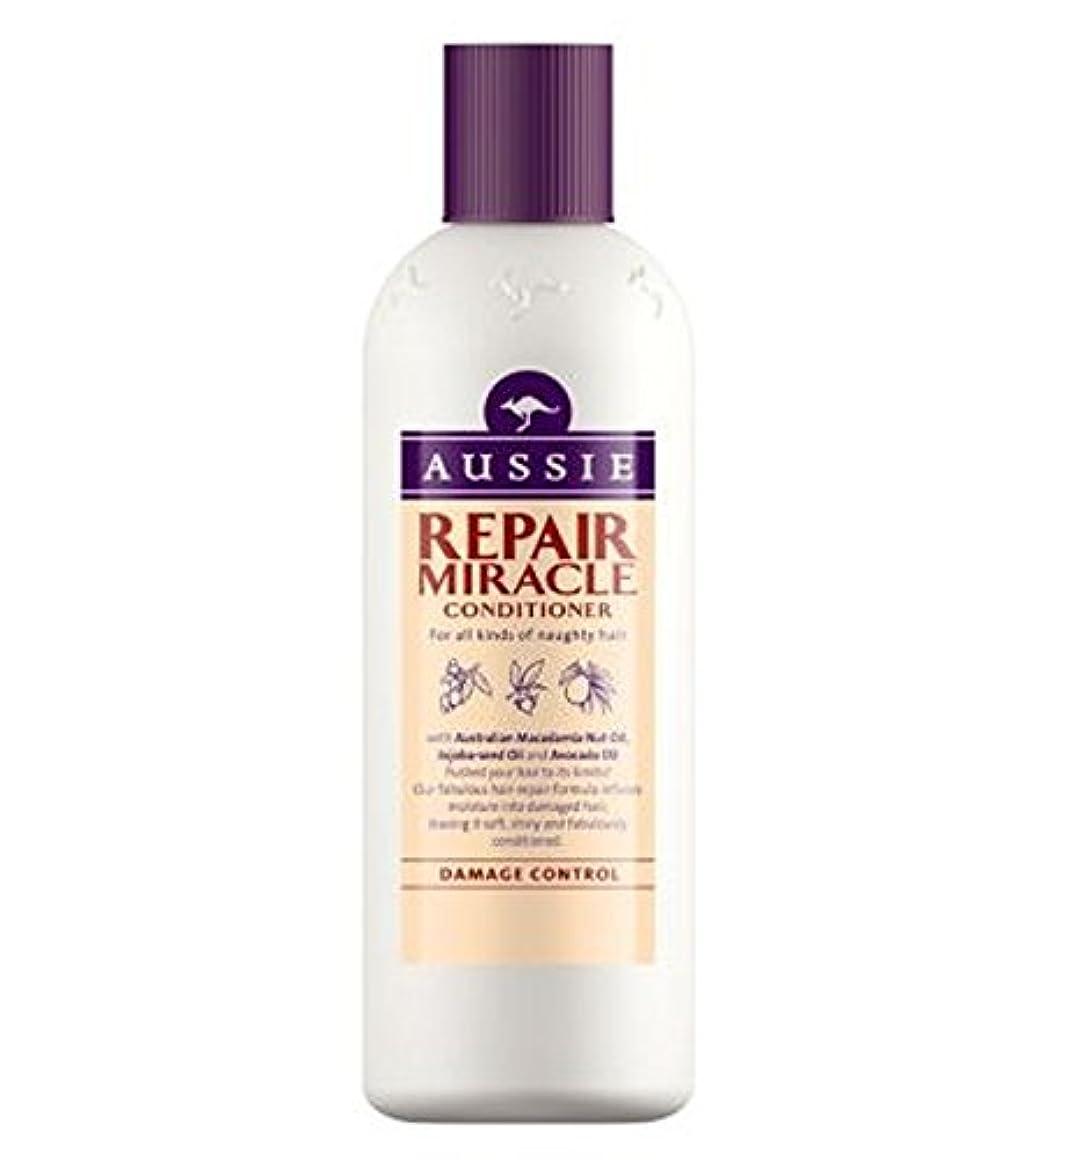 とんでもない原点商人Aussie Conditioner Repair Miracle for All Kinds of Naughty Hair 400ml - いたずらヘア400ミリリットルのすべての種類のオージーエアコンの修理の奇跡 (Aussie) [並行輸入品]